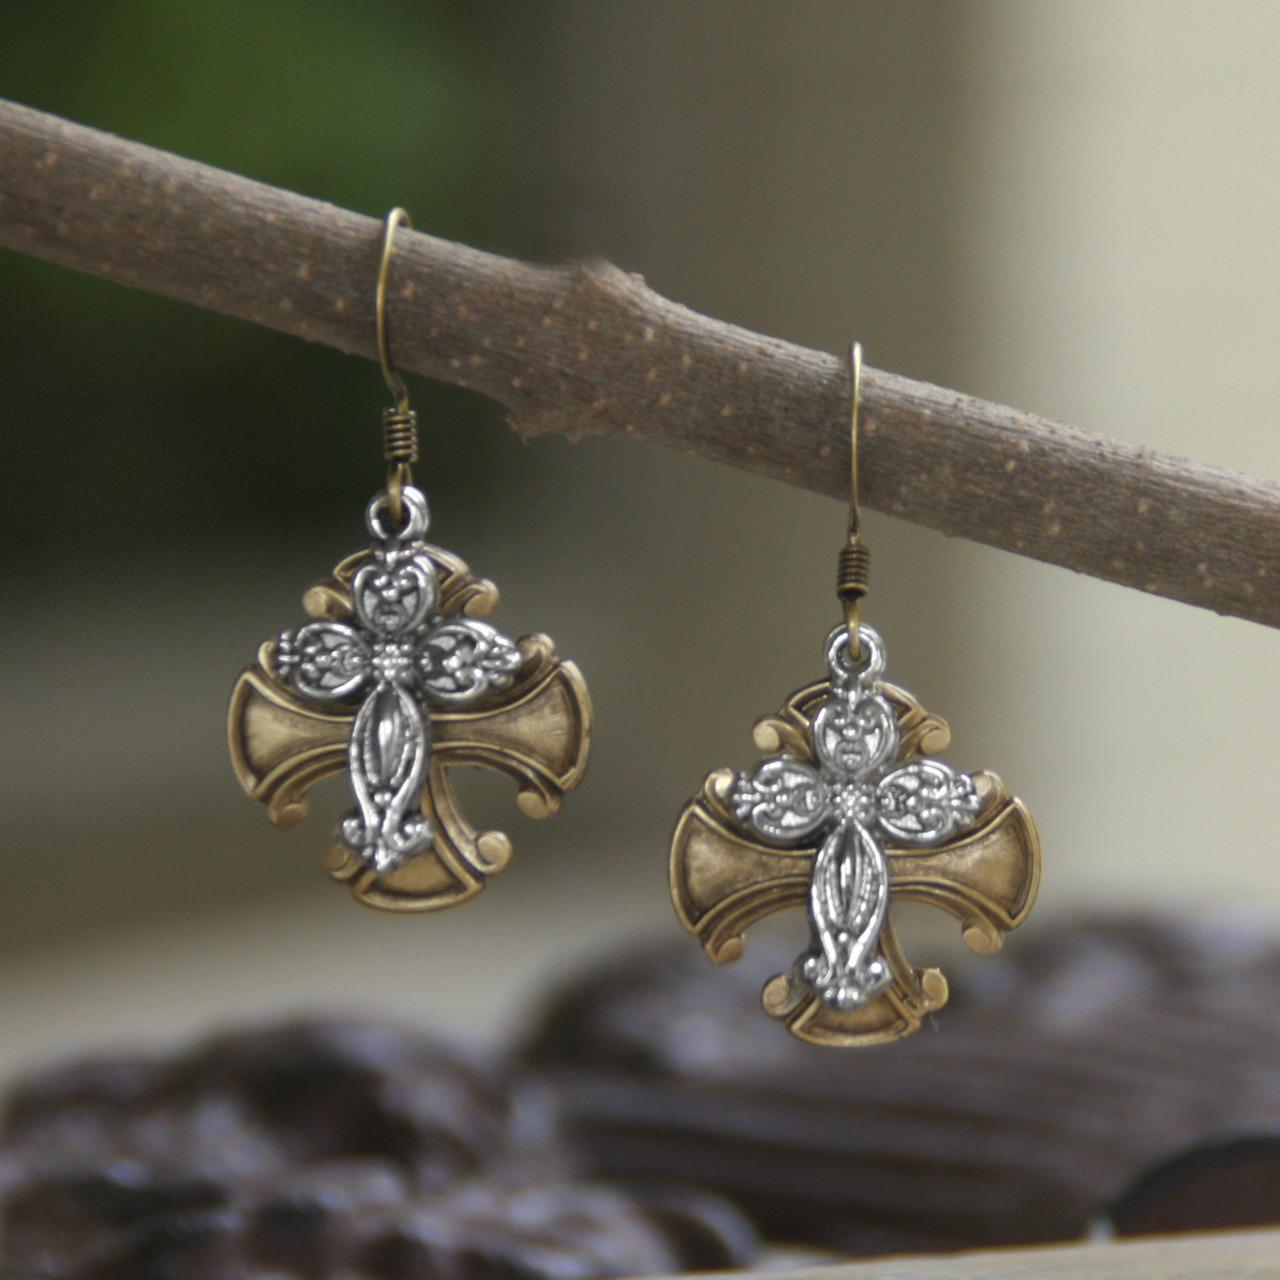 Double Cross Earrings earrings, jewelry, drop earrings, double cross earrings, mothers day gift, cross earrings, cross, in-54